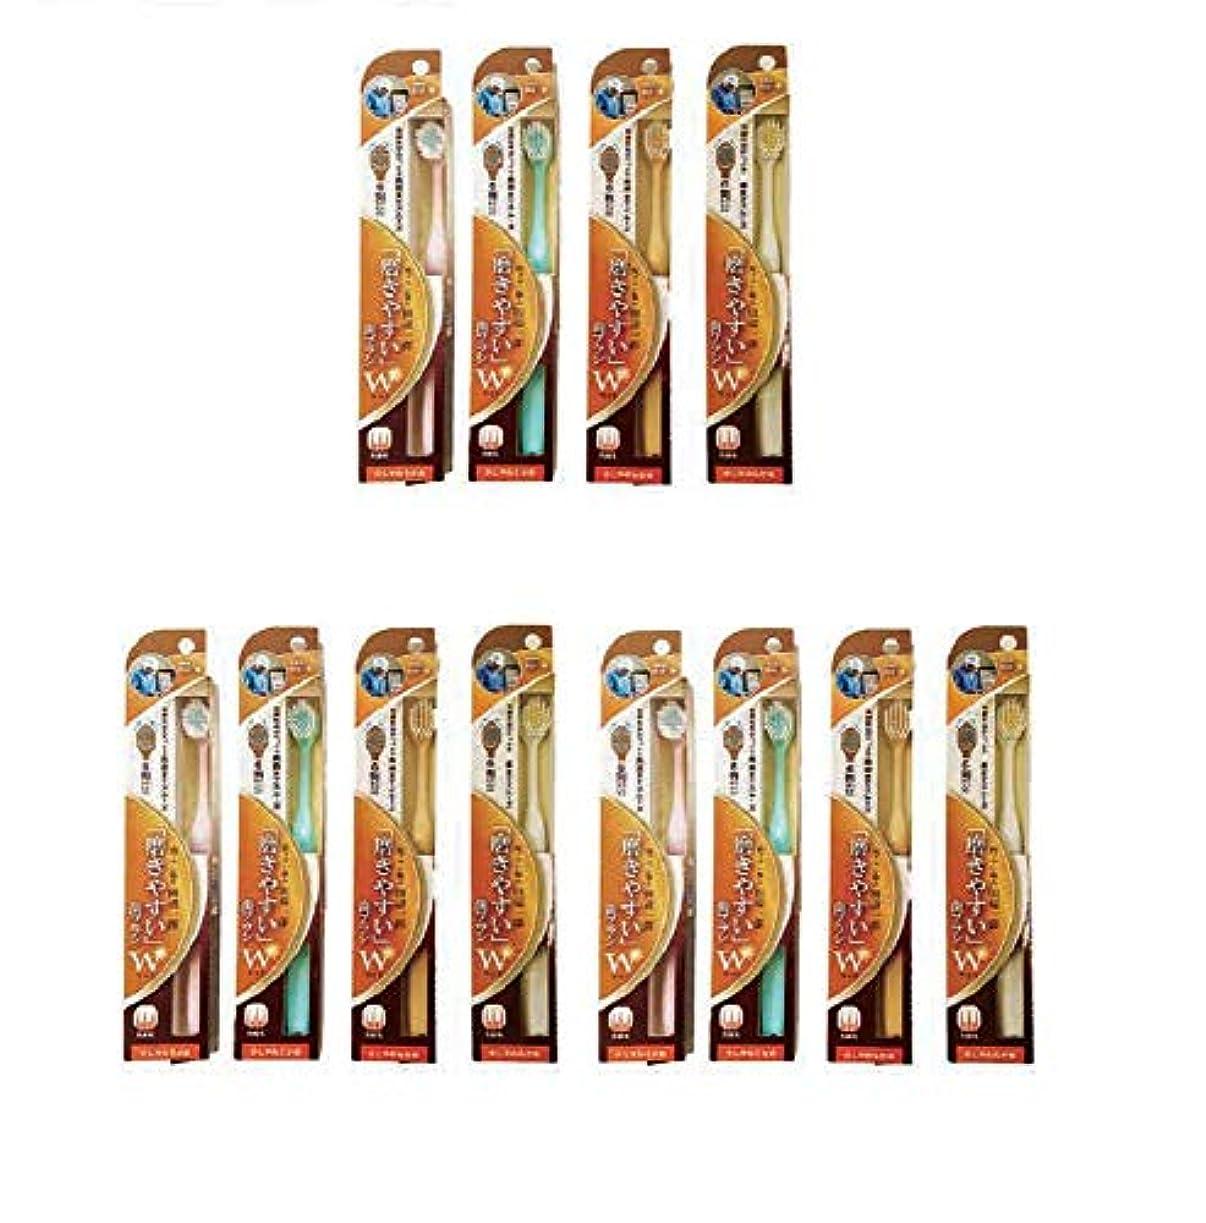 放射能反乱開発ライフレンジ 磨きやすい歯ブラシ 6列ワイドタイプ(少しやわらかめ) LT-46×12本セット